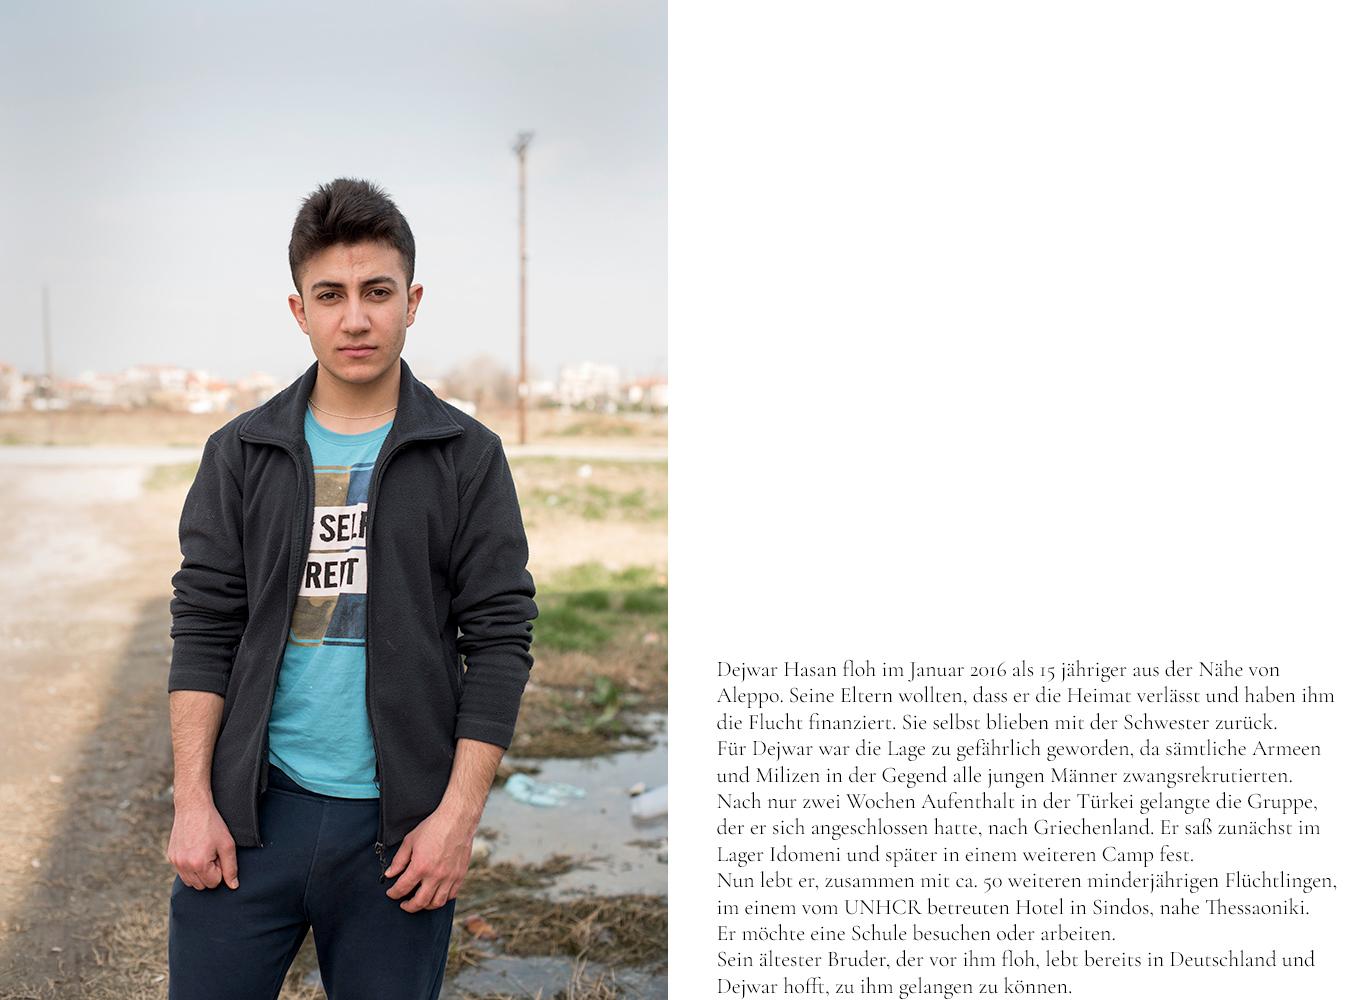 thessaloniki_refugee_syrienkrieg_matthias_jung_03